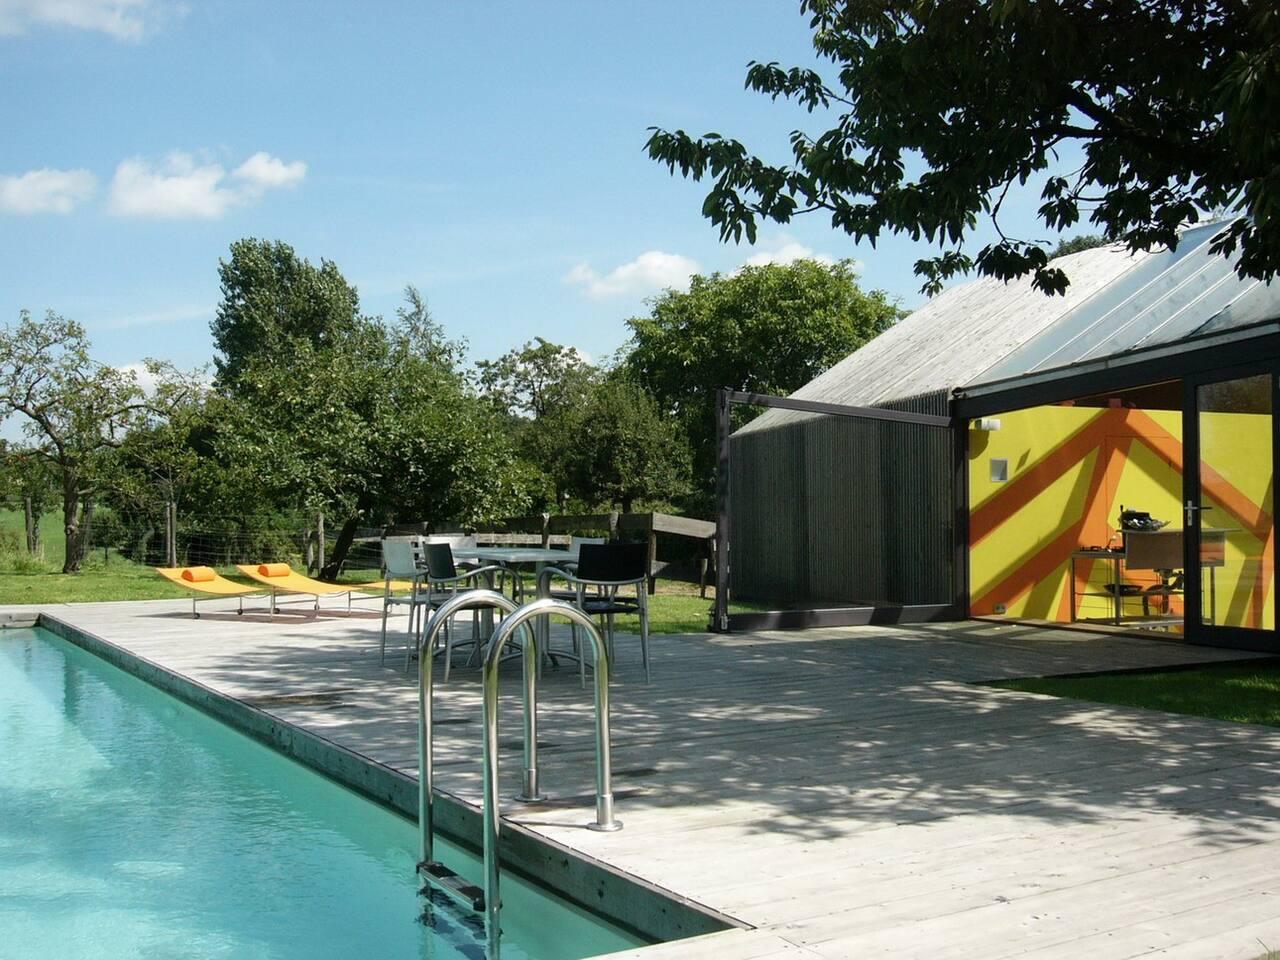 Het vakantiehuis met terras en zwembad voor de deur